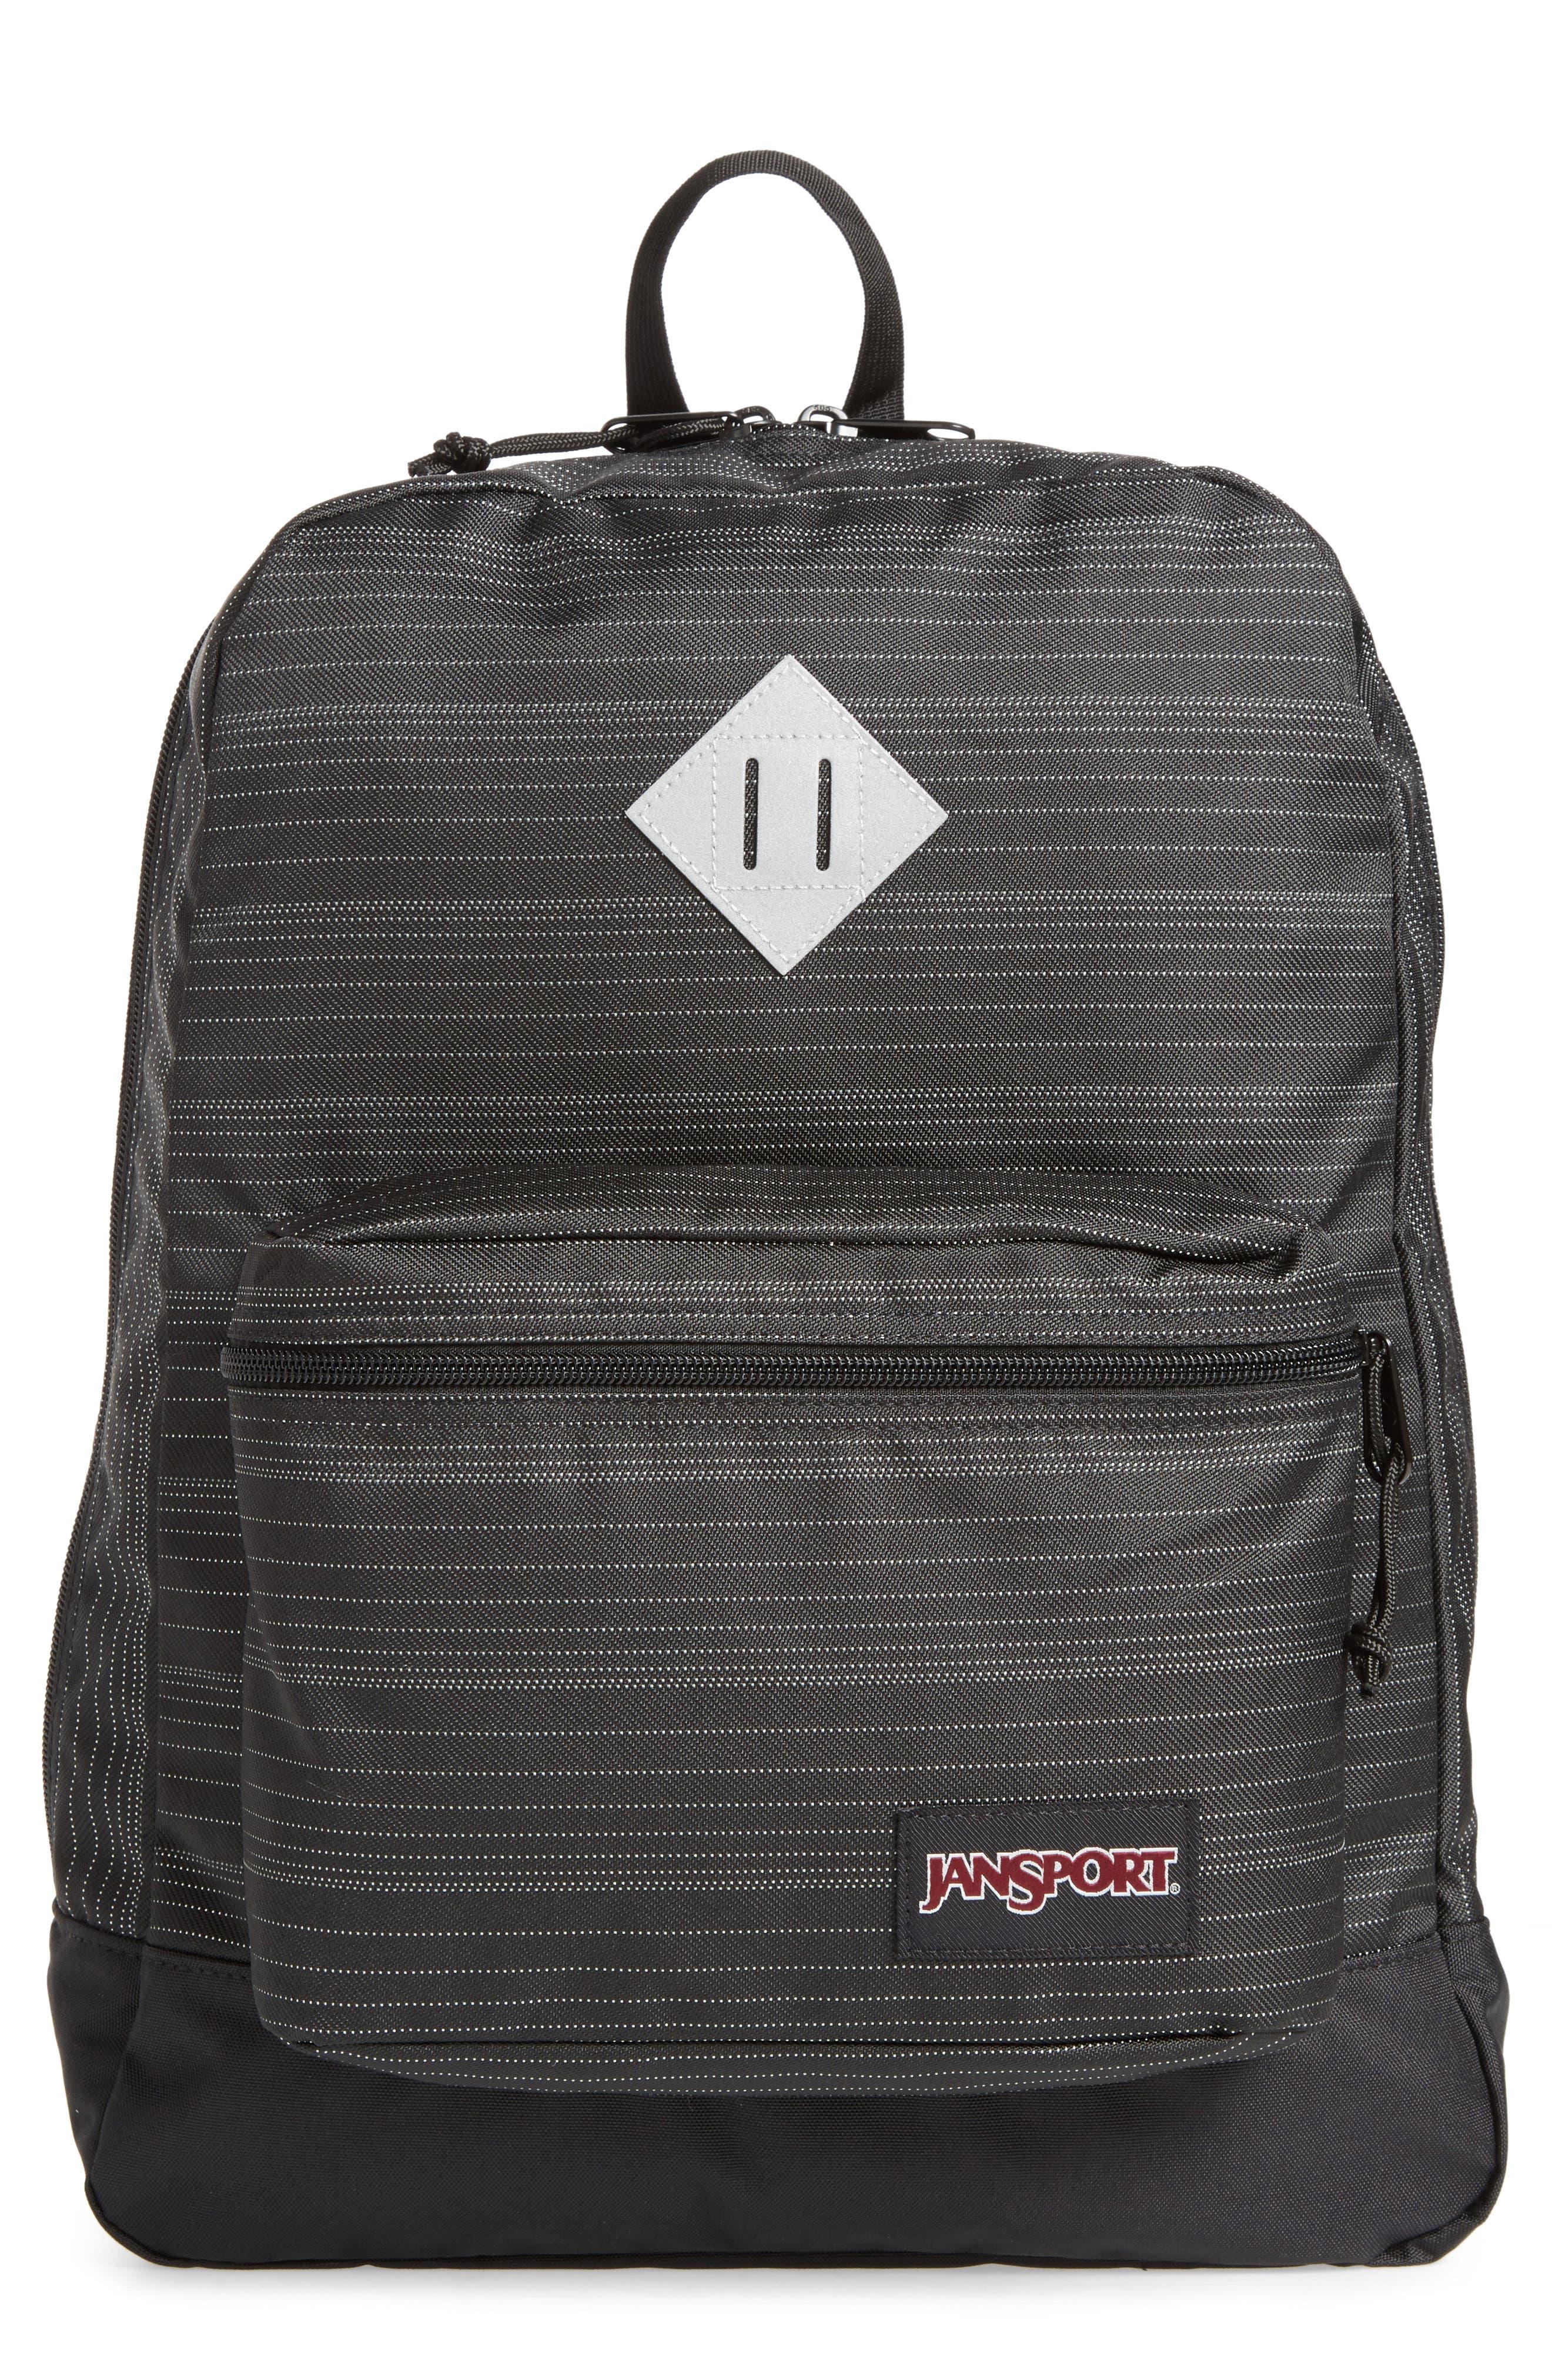 Jansport Super FX Reflective Backpack